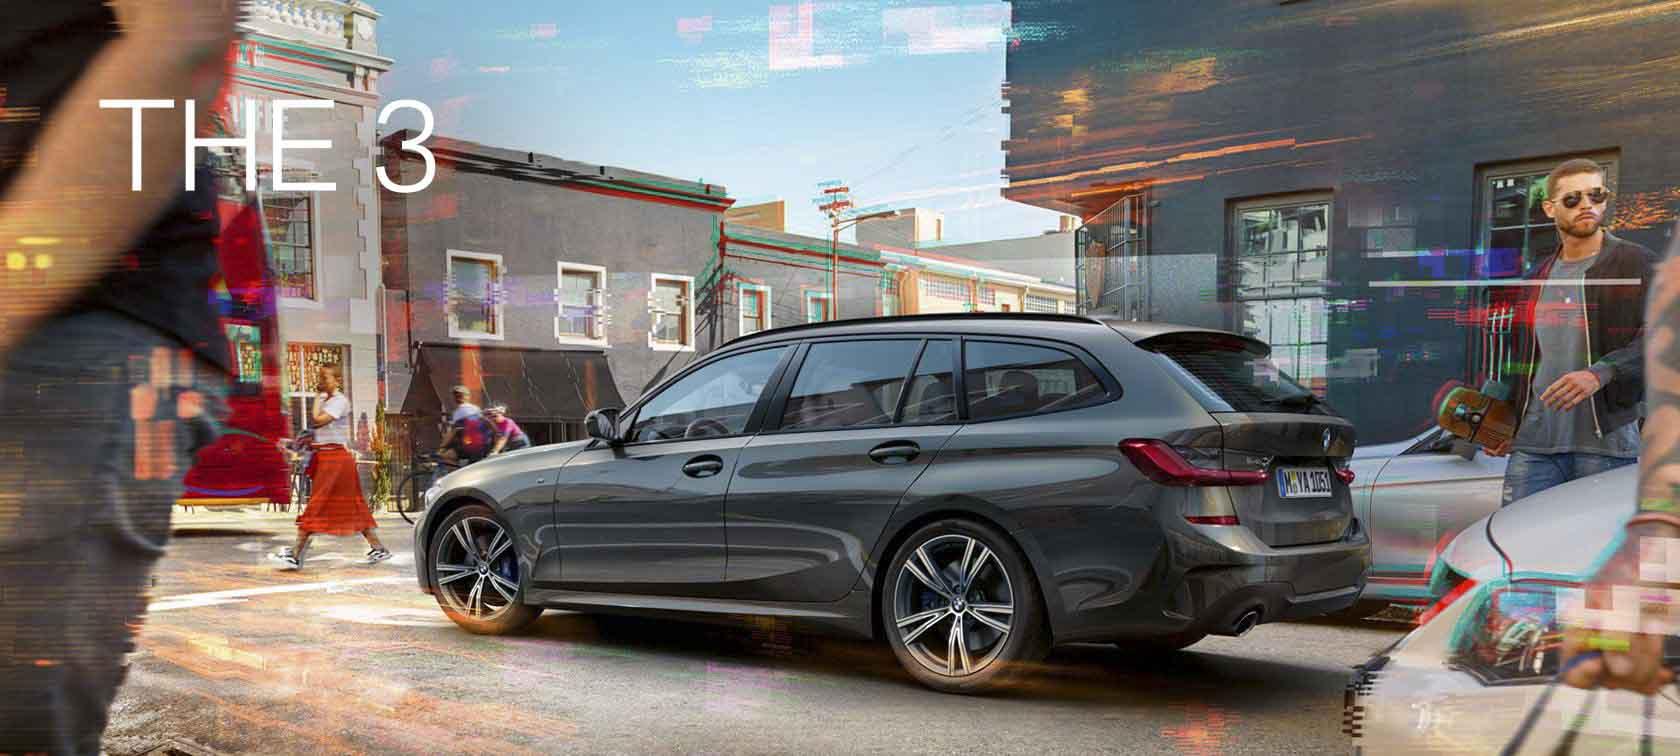 BMW 1er, THE 1, Bester Preis